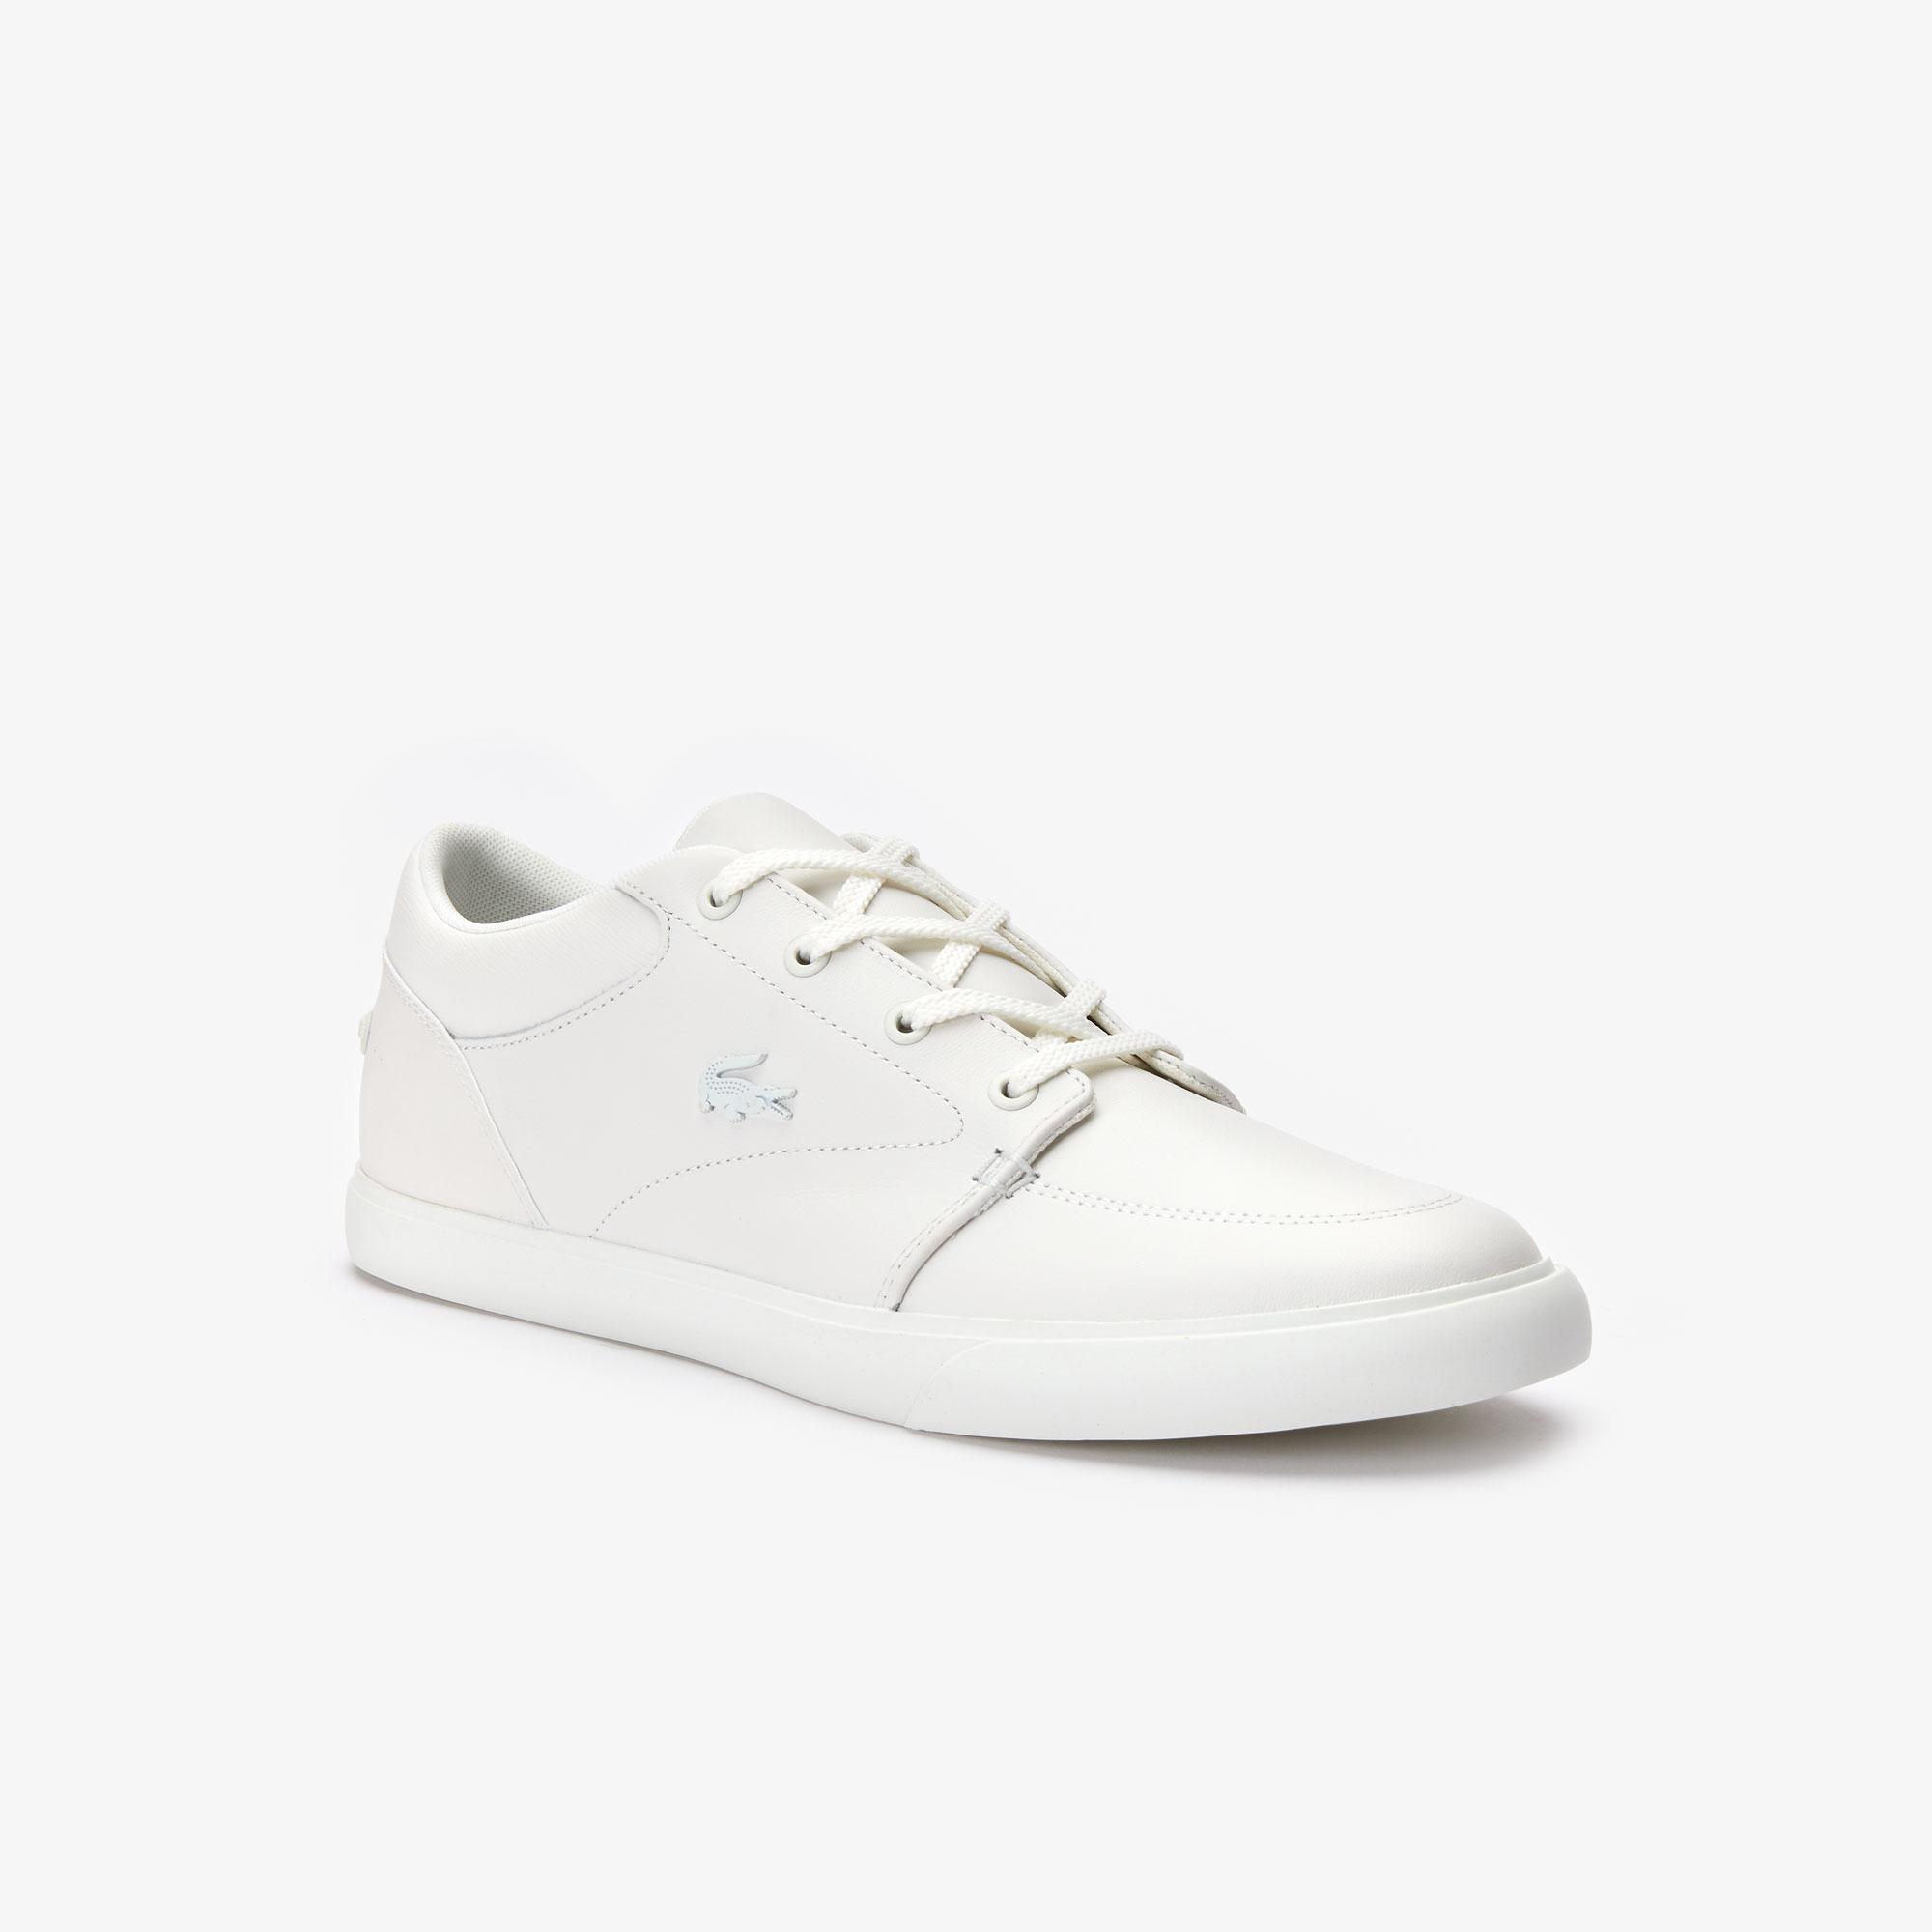 Lacoste Bayliss 419 1 Cma Erkek Bej Casual Ayakkabı